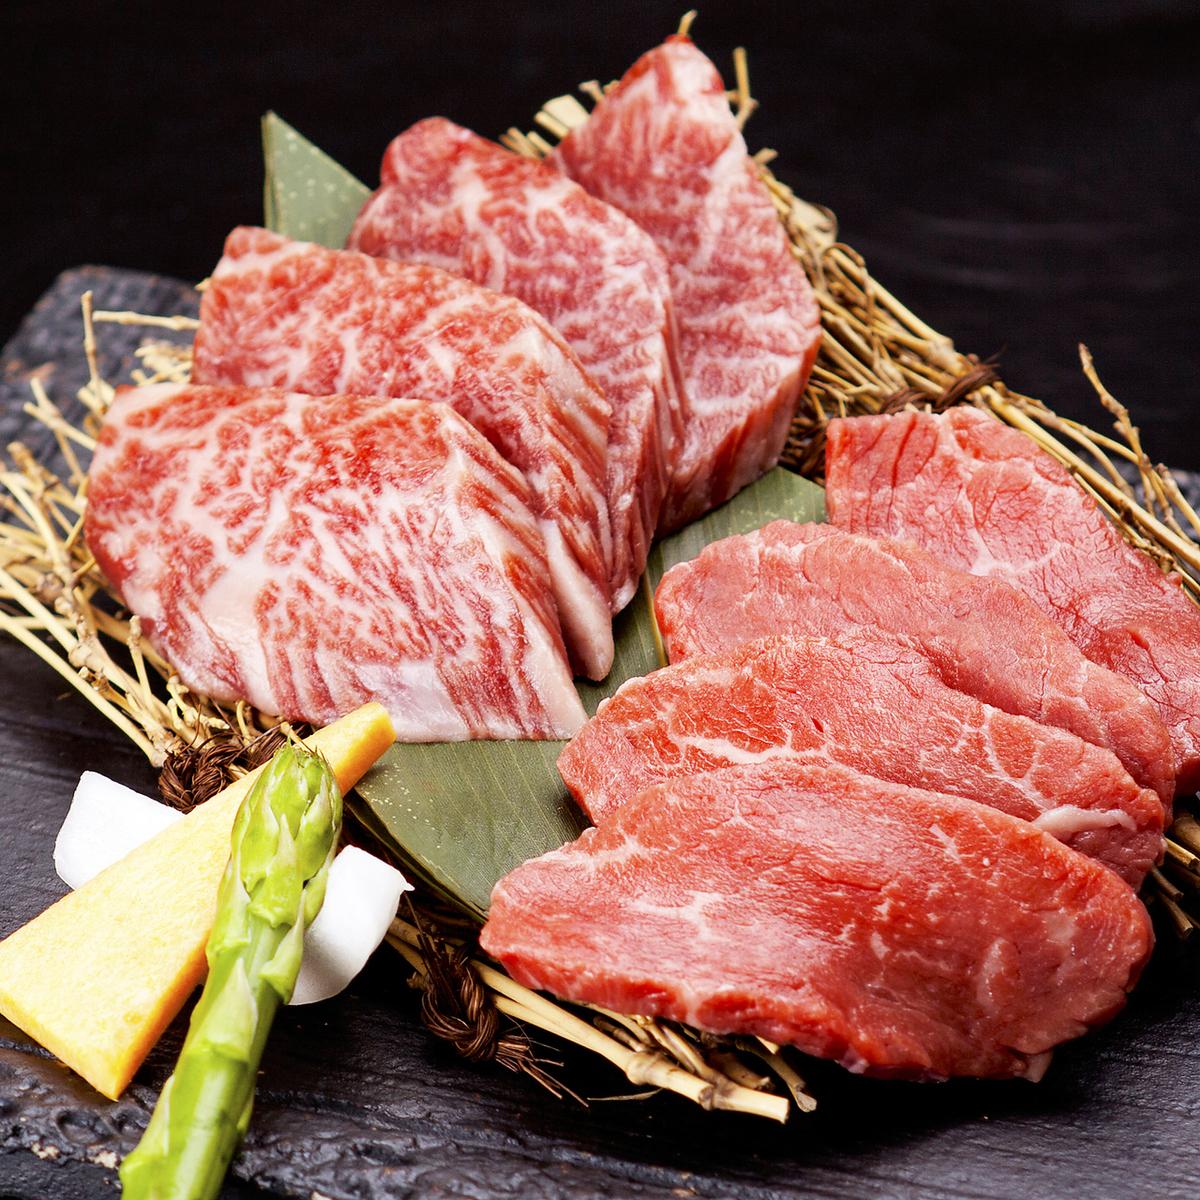 和牛牛肉上有丰富的烤肉